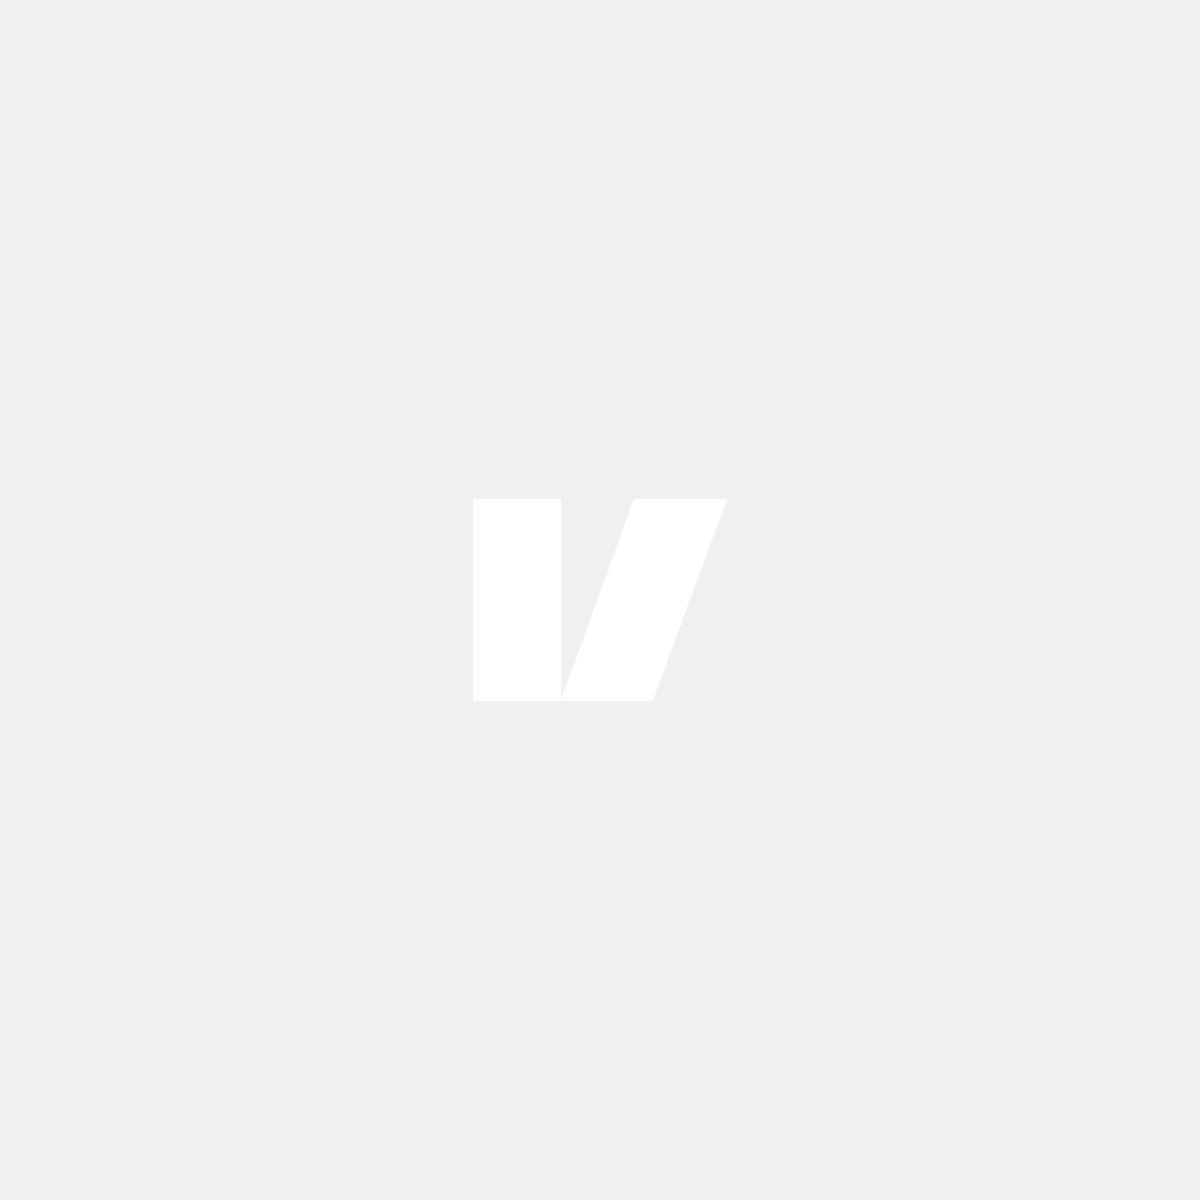 Funktionsadderare Programmerbar för Volvo S60, S80, V70, XC70, XC90, 05-